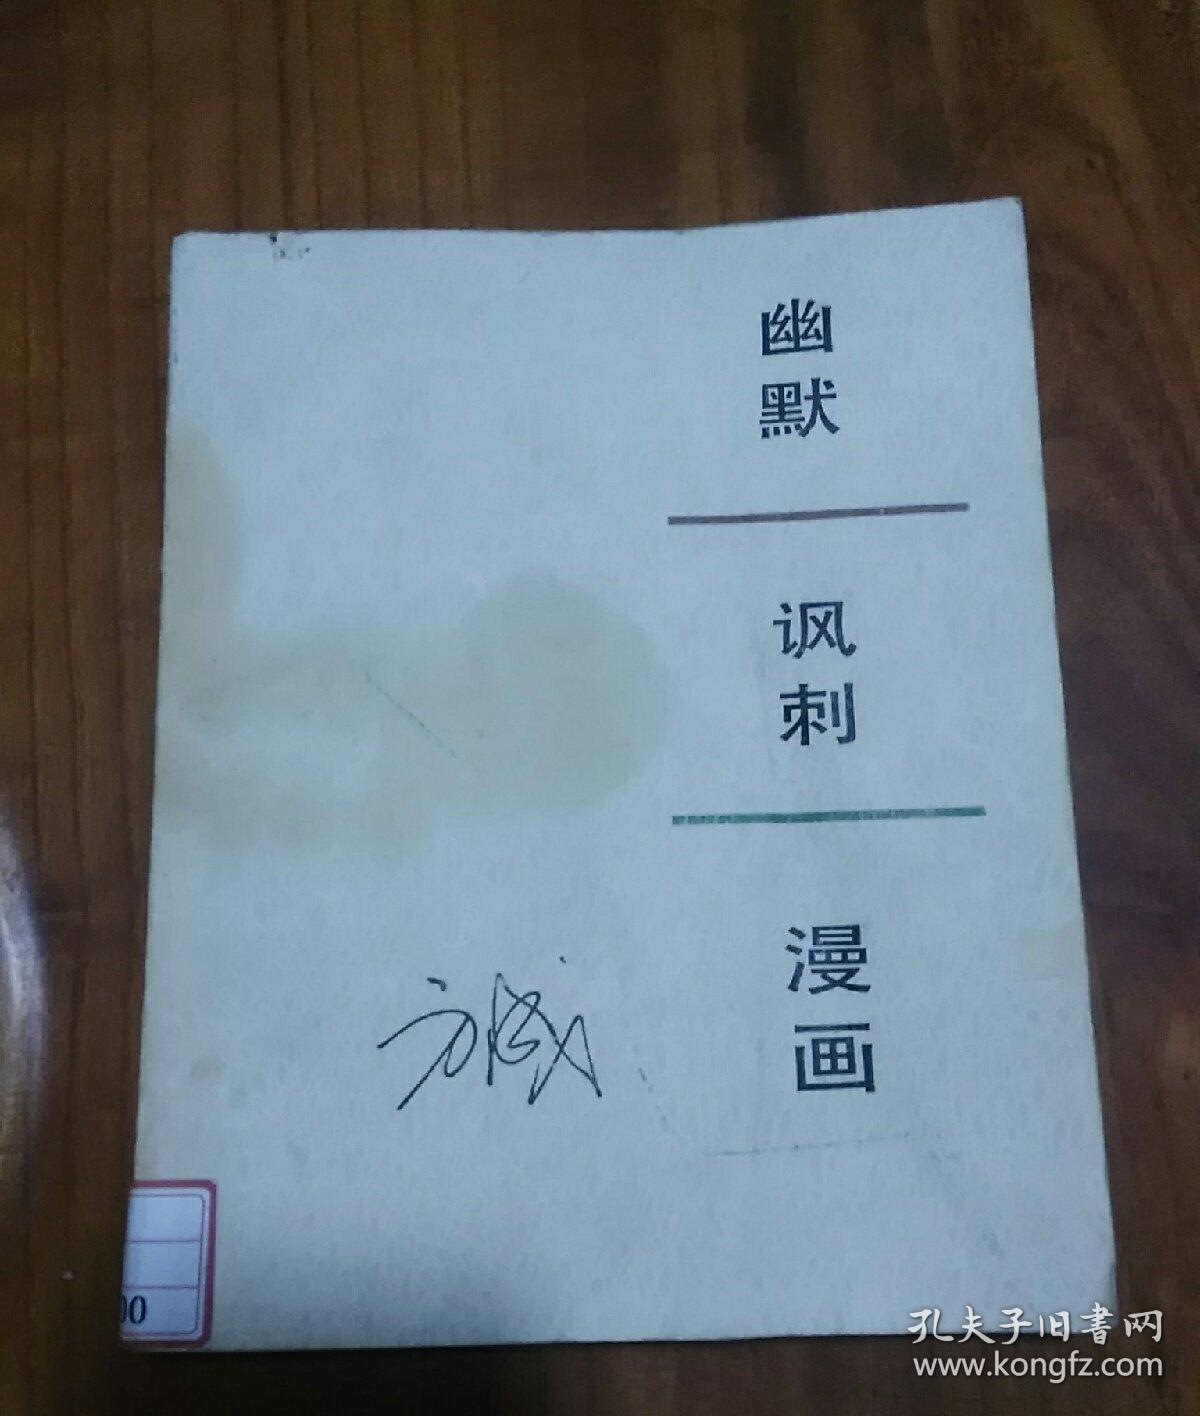 方成漫画:a漫画v漫画漫画三联书店作品手抄报关于图片